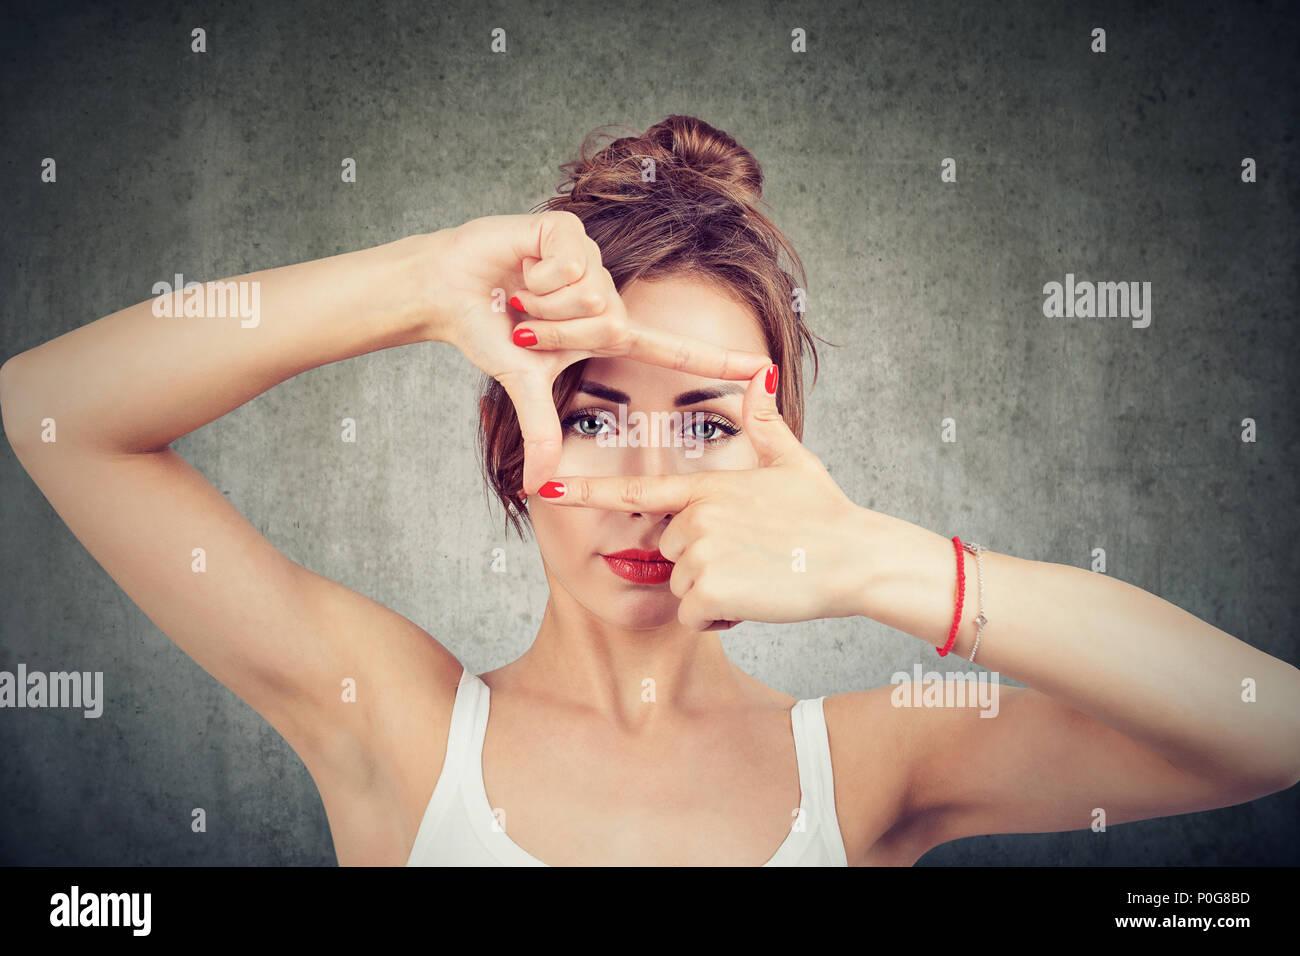 Joven haciendo el bastidor con los dedos y mirando a través de límites en la cámara sobre fondo gris Imagen De Stock